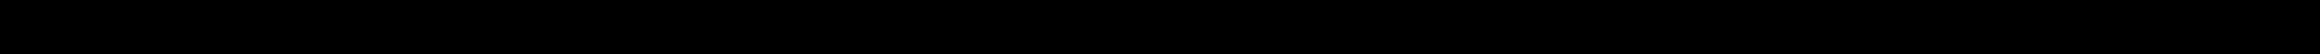 LIQUI MOLY P003126 Greičių dėžės alyva